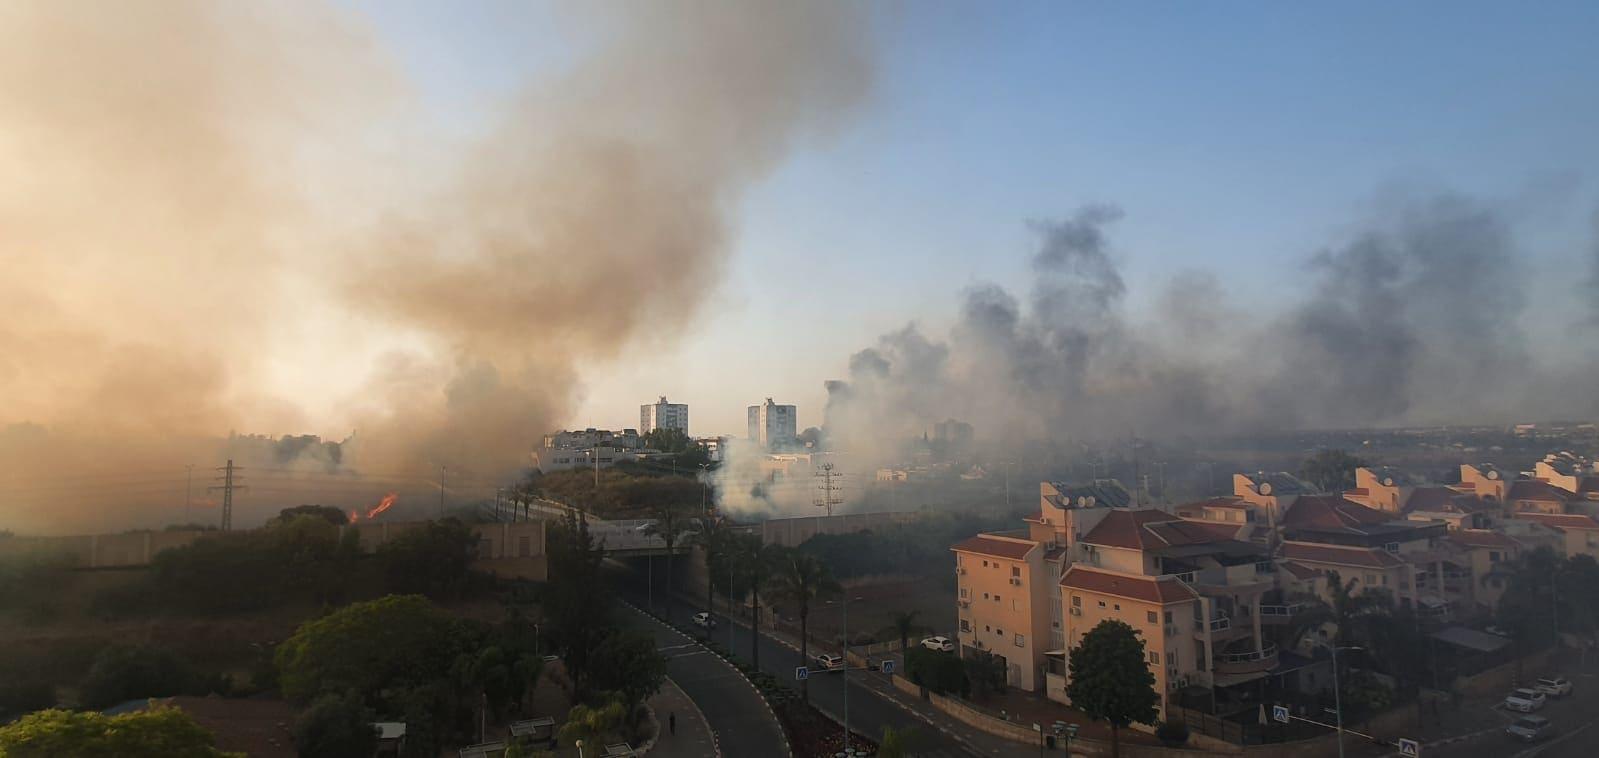 העיר לוד בלהבות, 11 במאי 2021 (צילום: דאריה פוטדין)